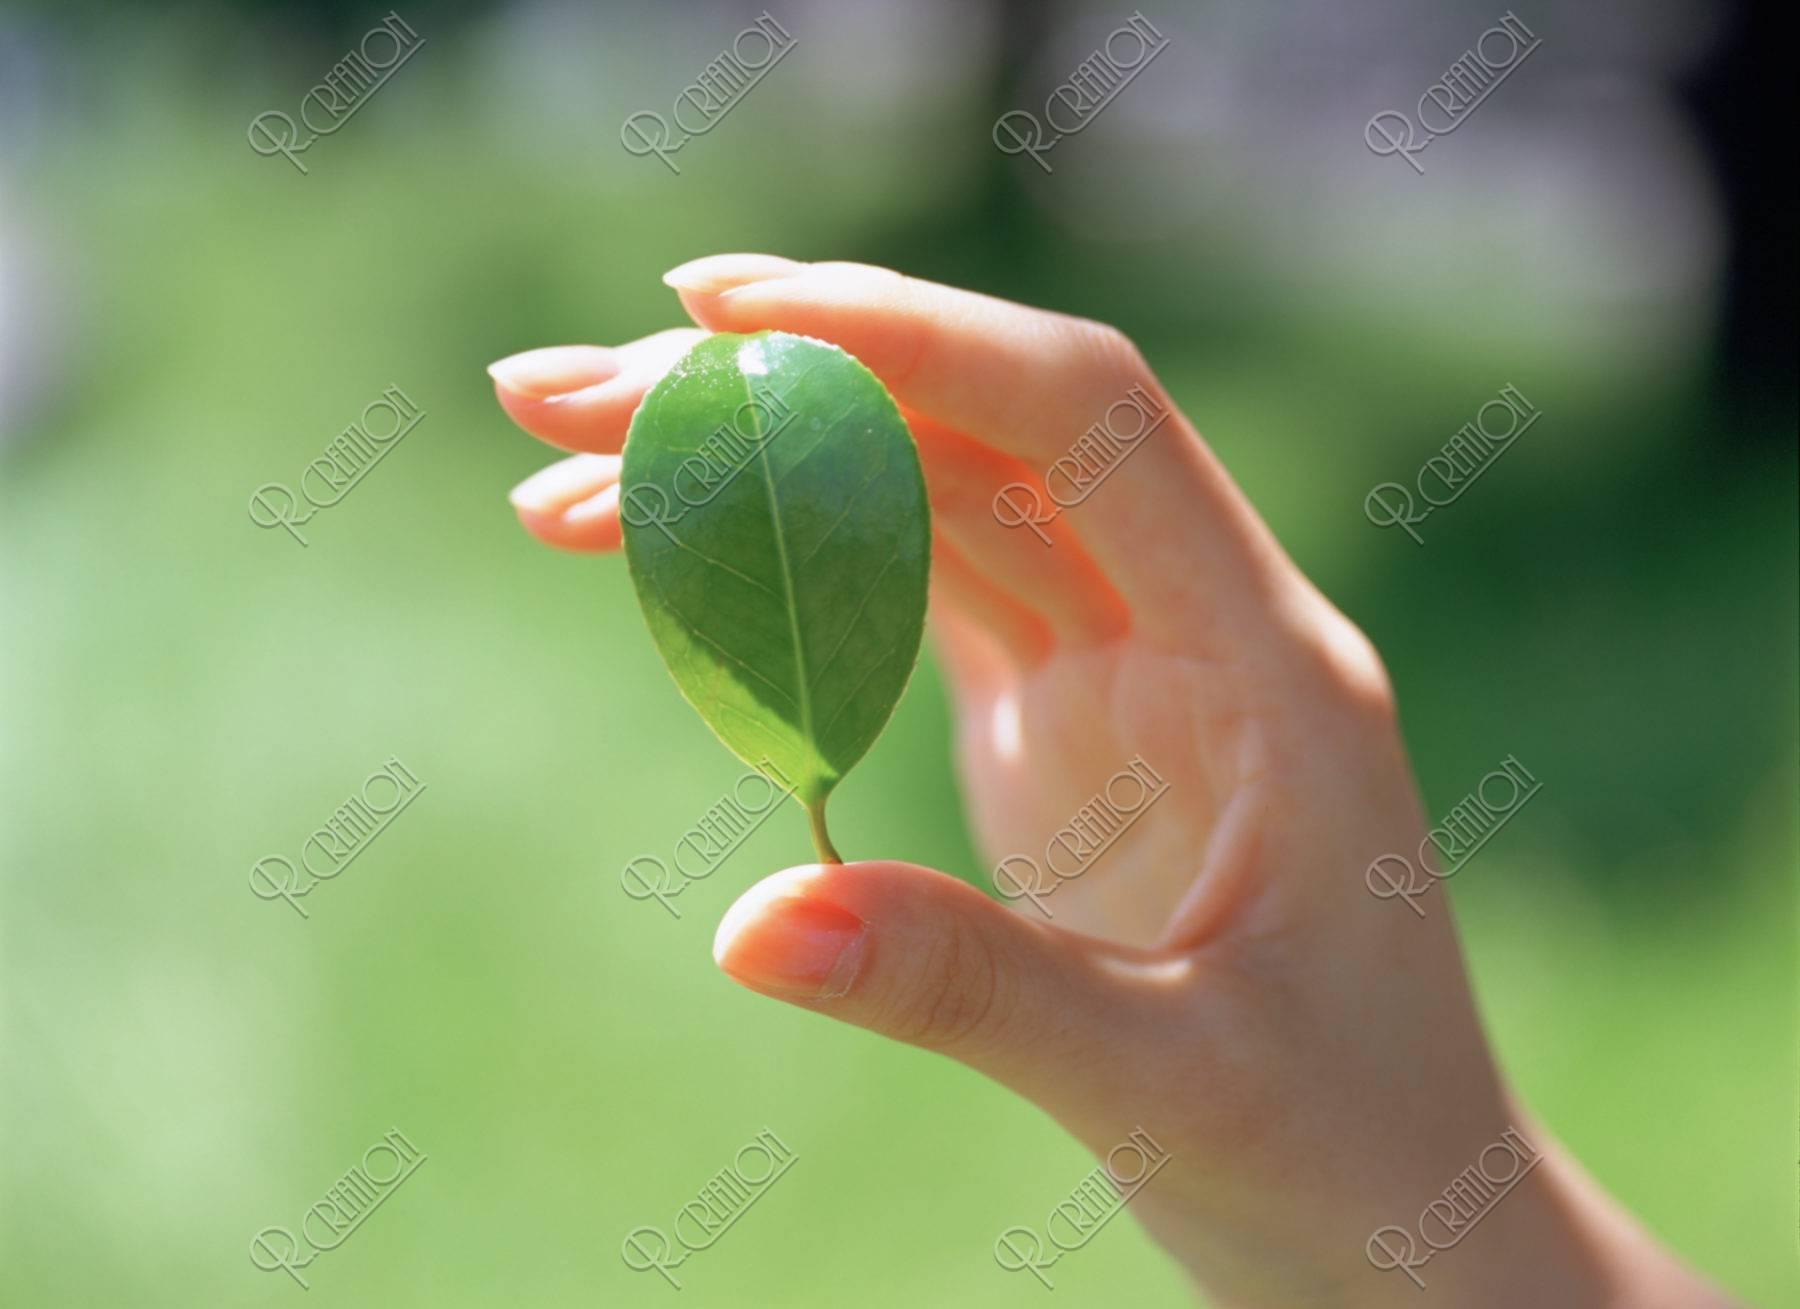 葉を持つ女性の手